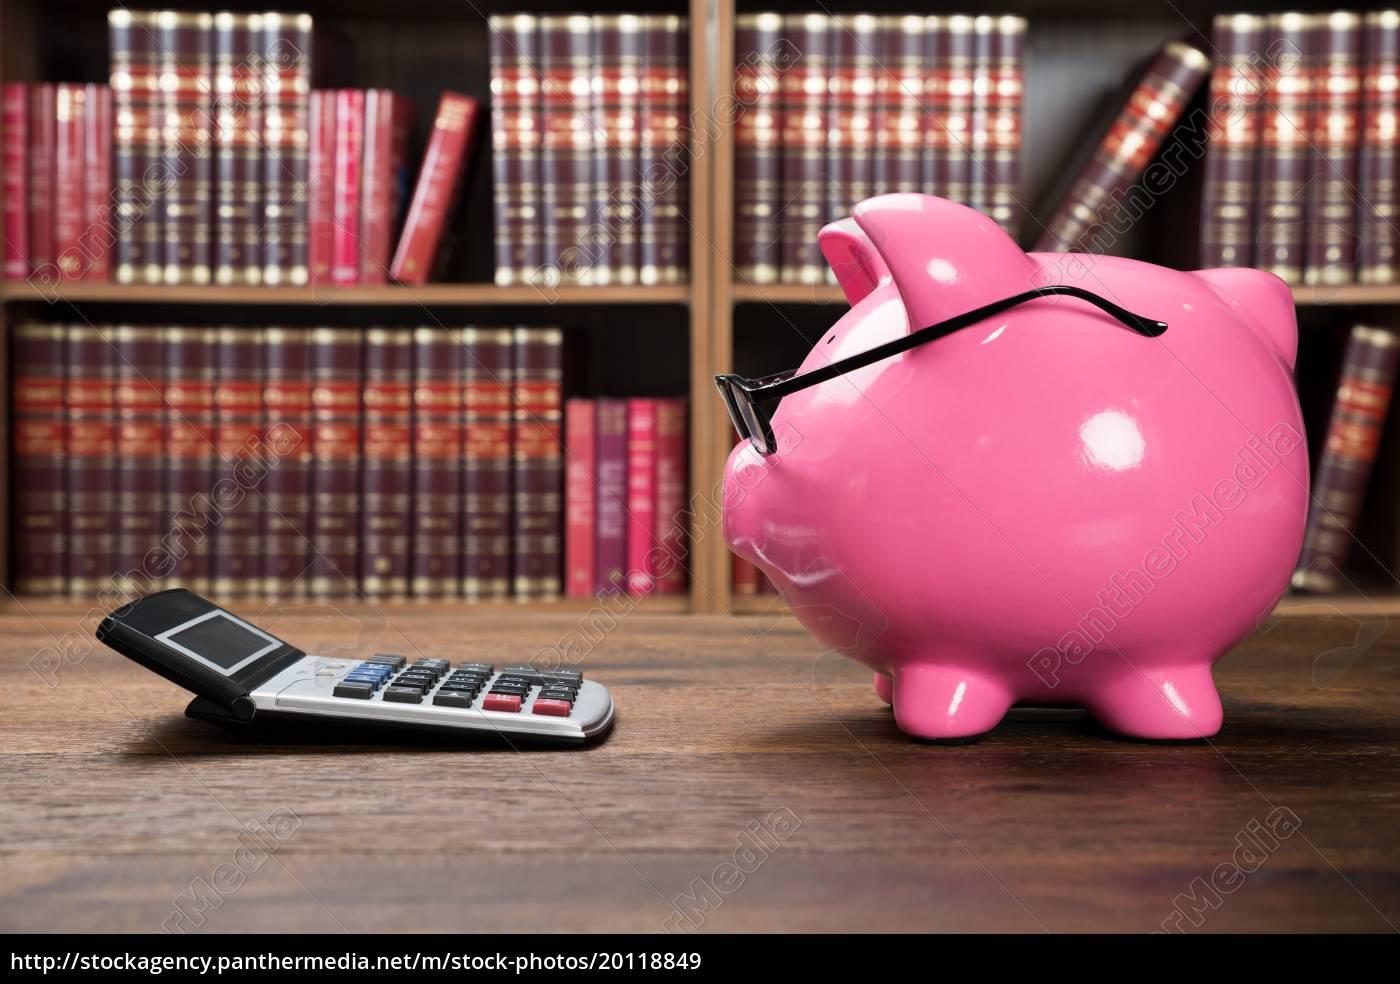 pink, piggybank, and, calculator - 20118849